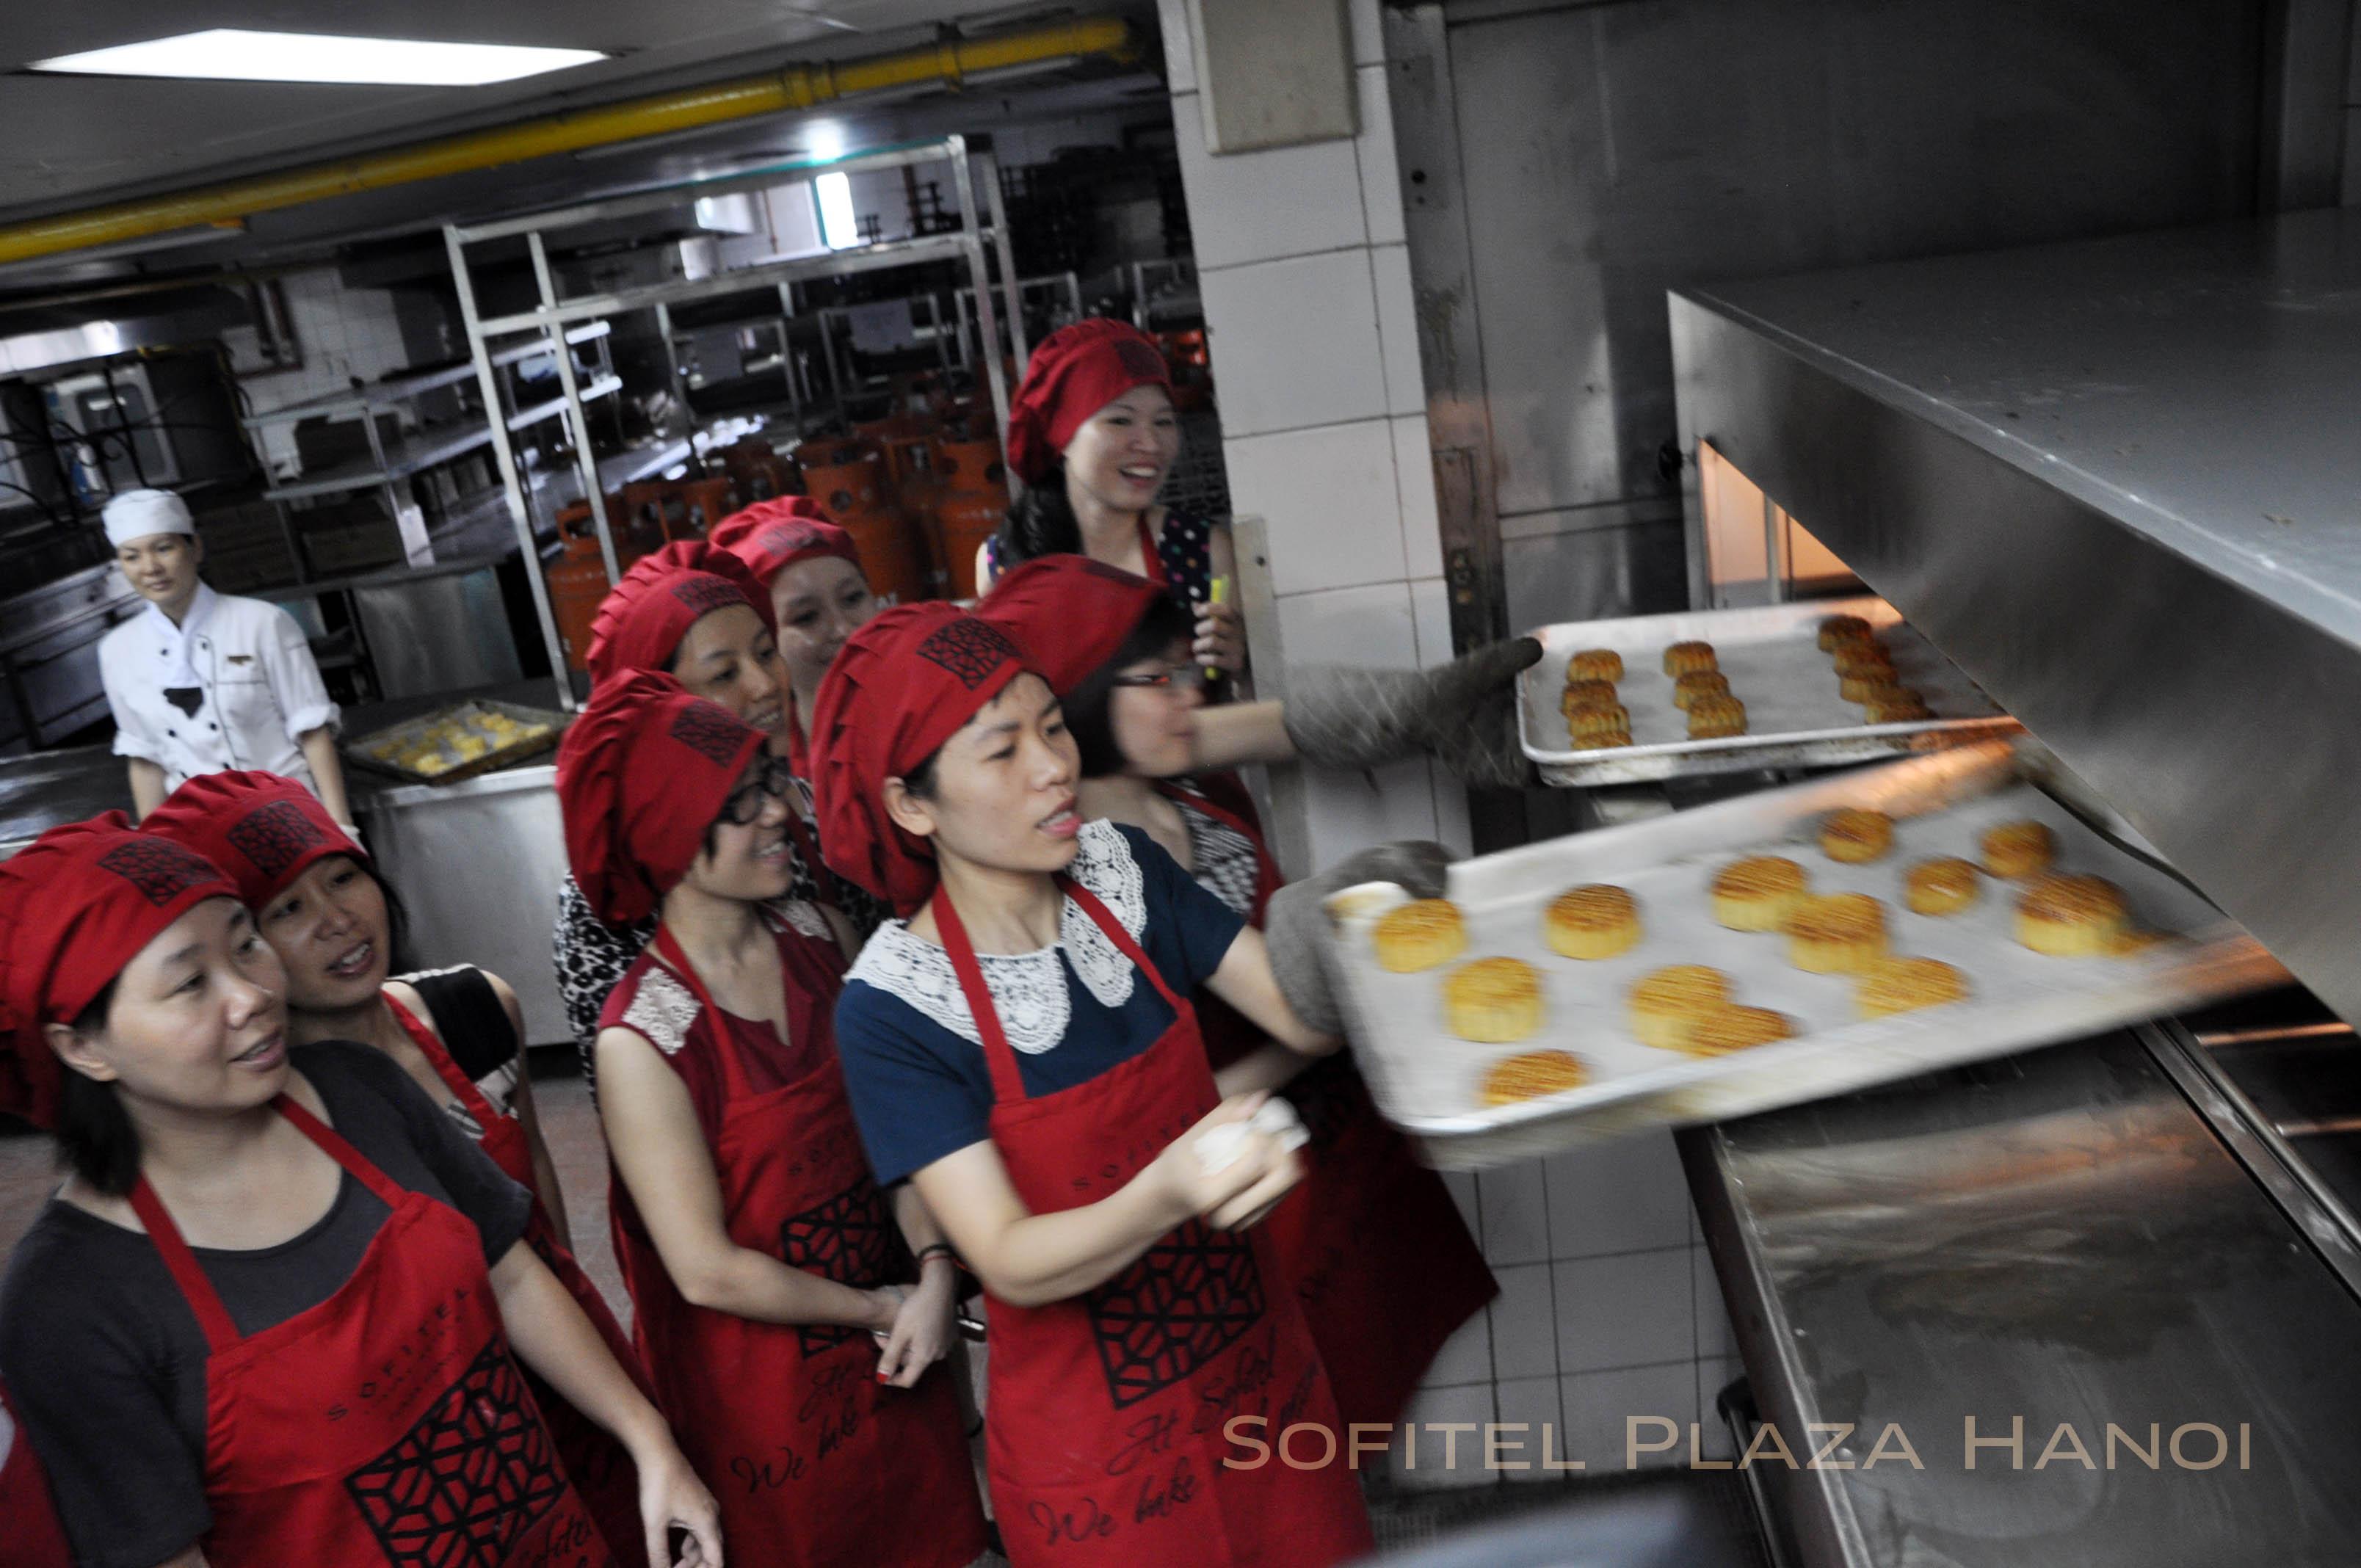 Sofitel Plaza Hanoi mở lớp dạy làm bánh trung thu